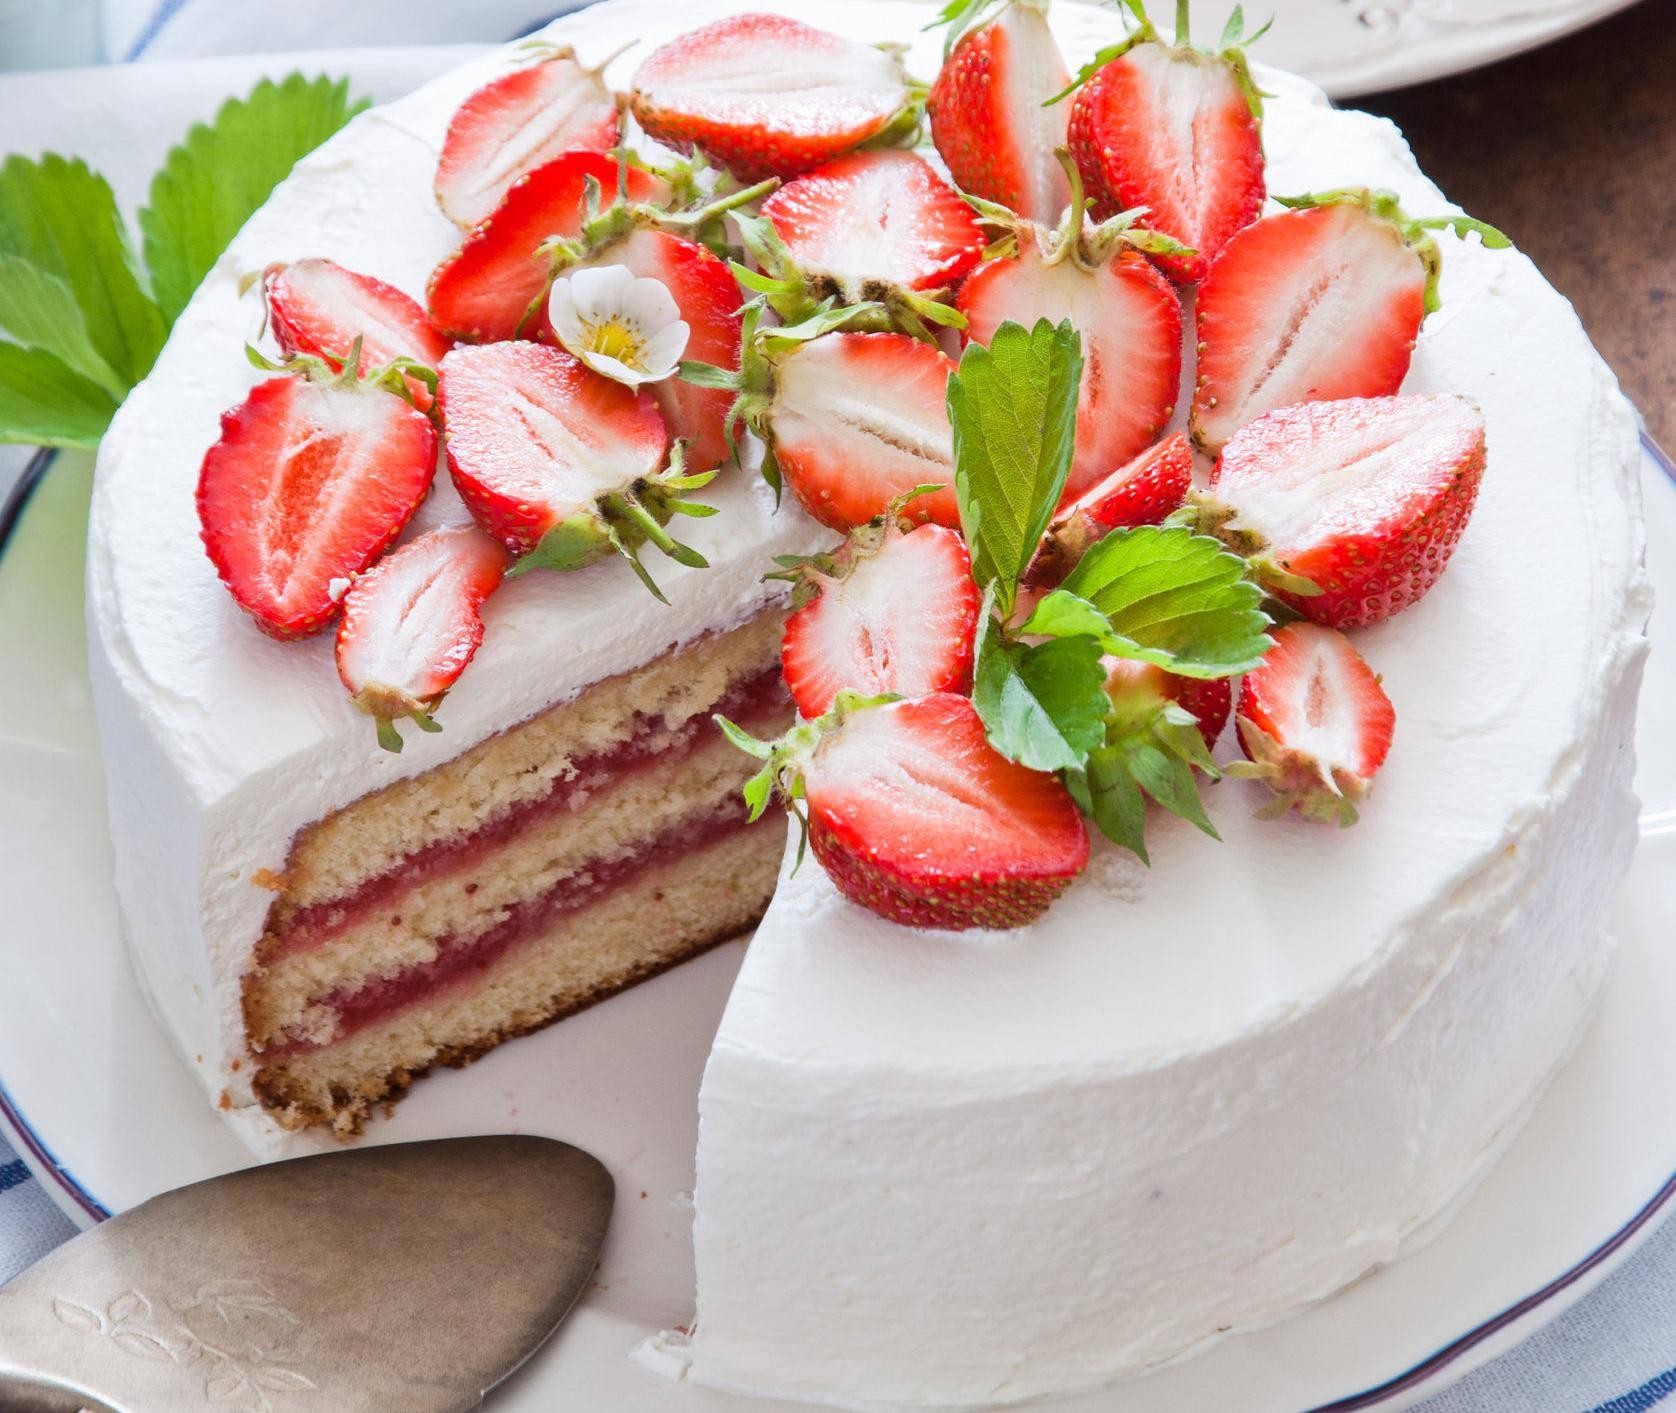 Proljetna torta od jagoda - sloj po sloj nevjerojatnog užitka...